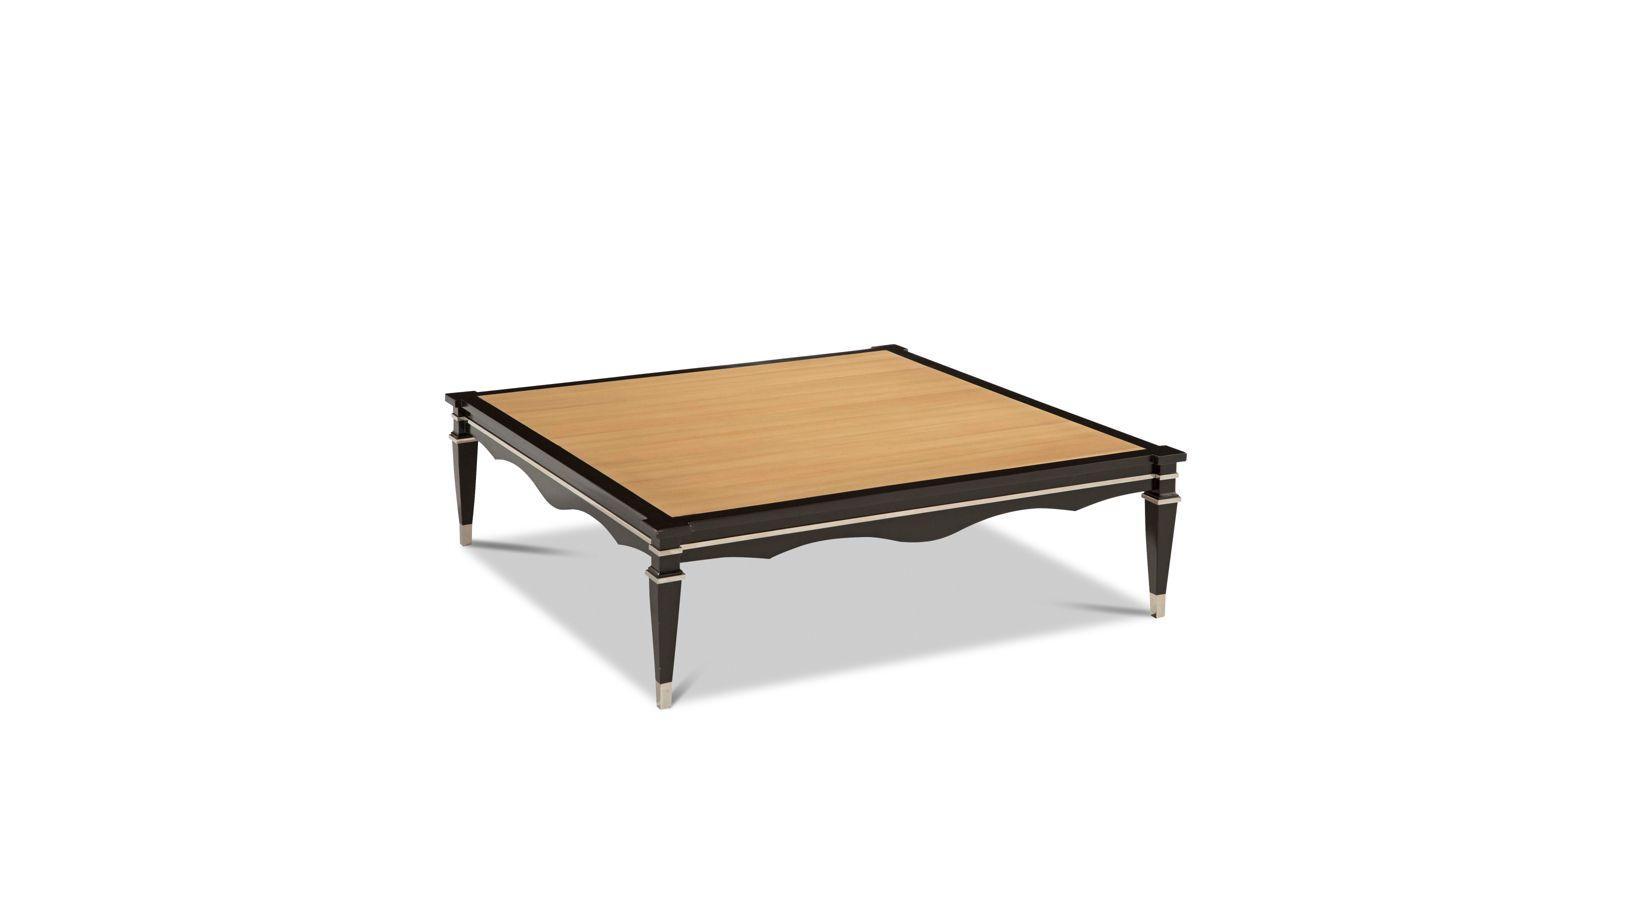 Table basse 5 me avenue collection nouveaux classiques for Table th 00 02